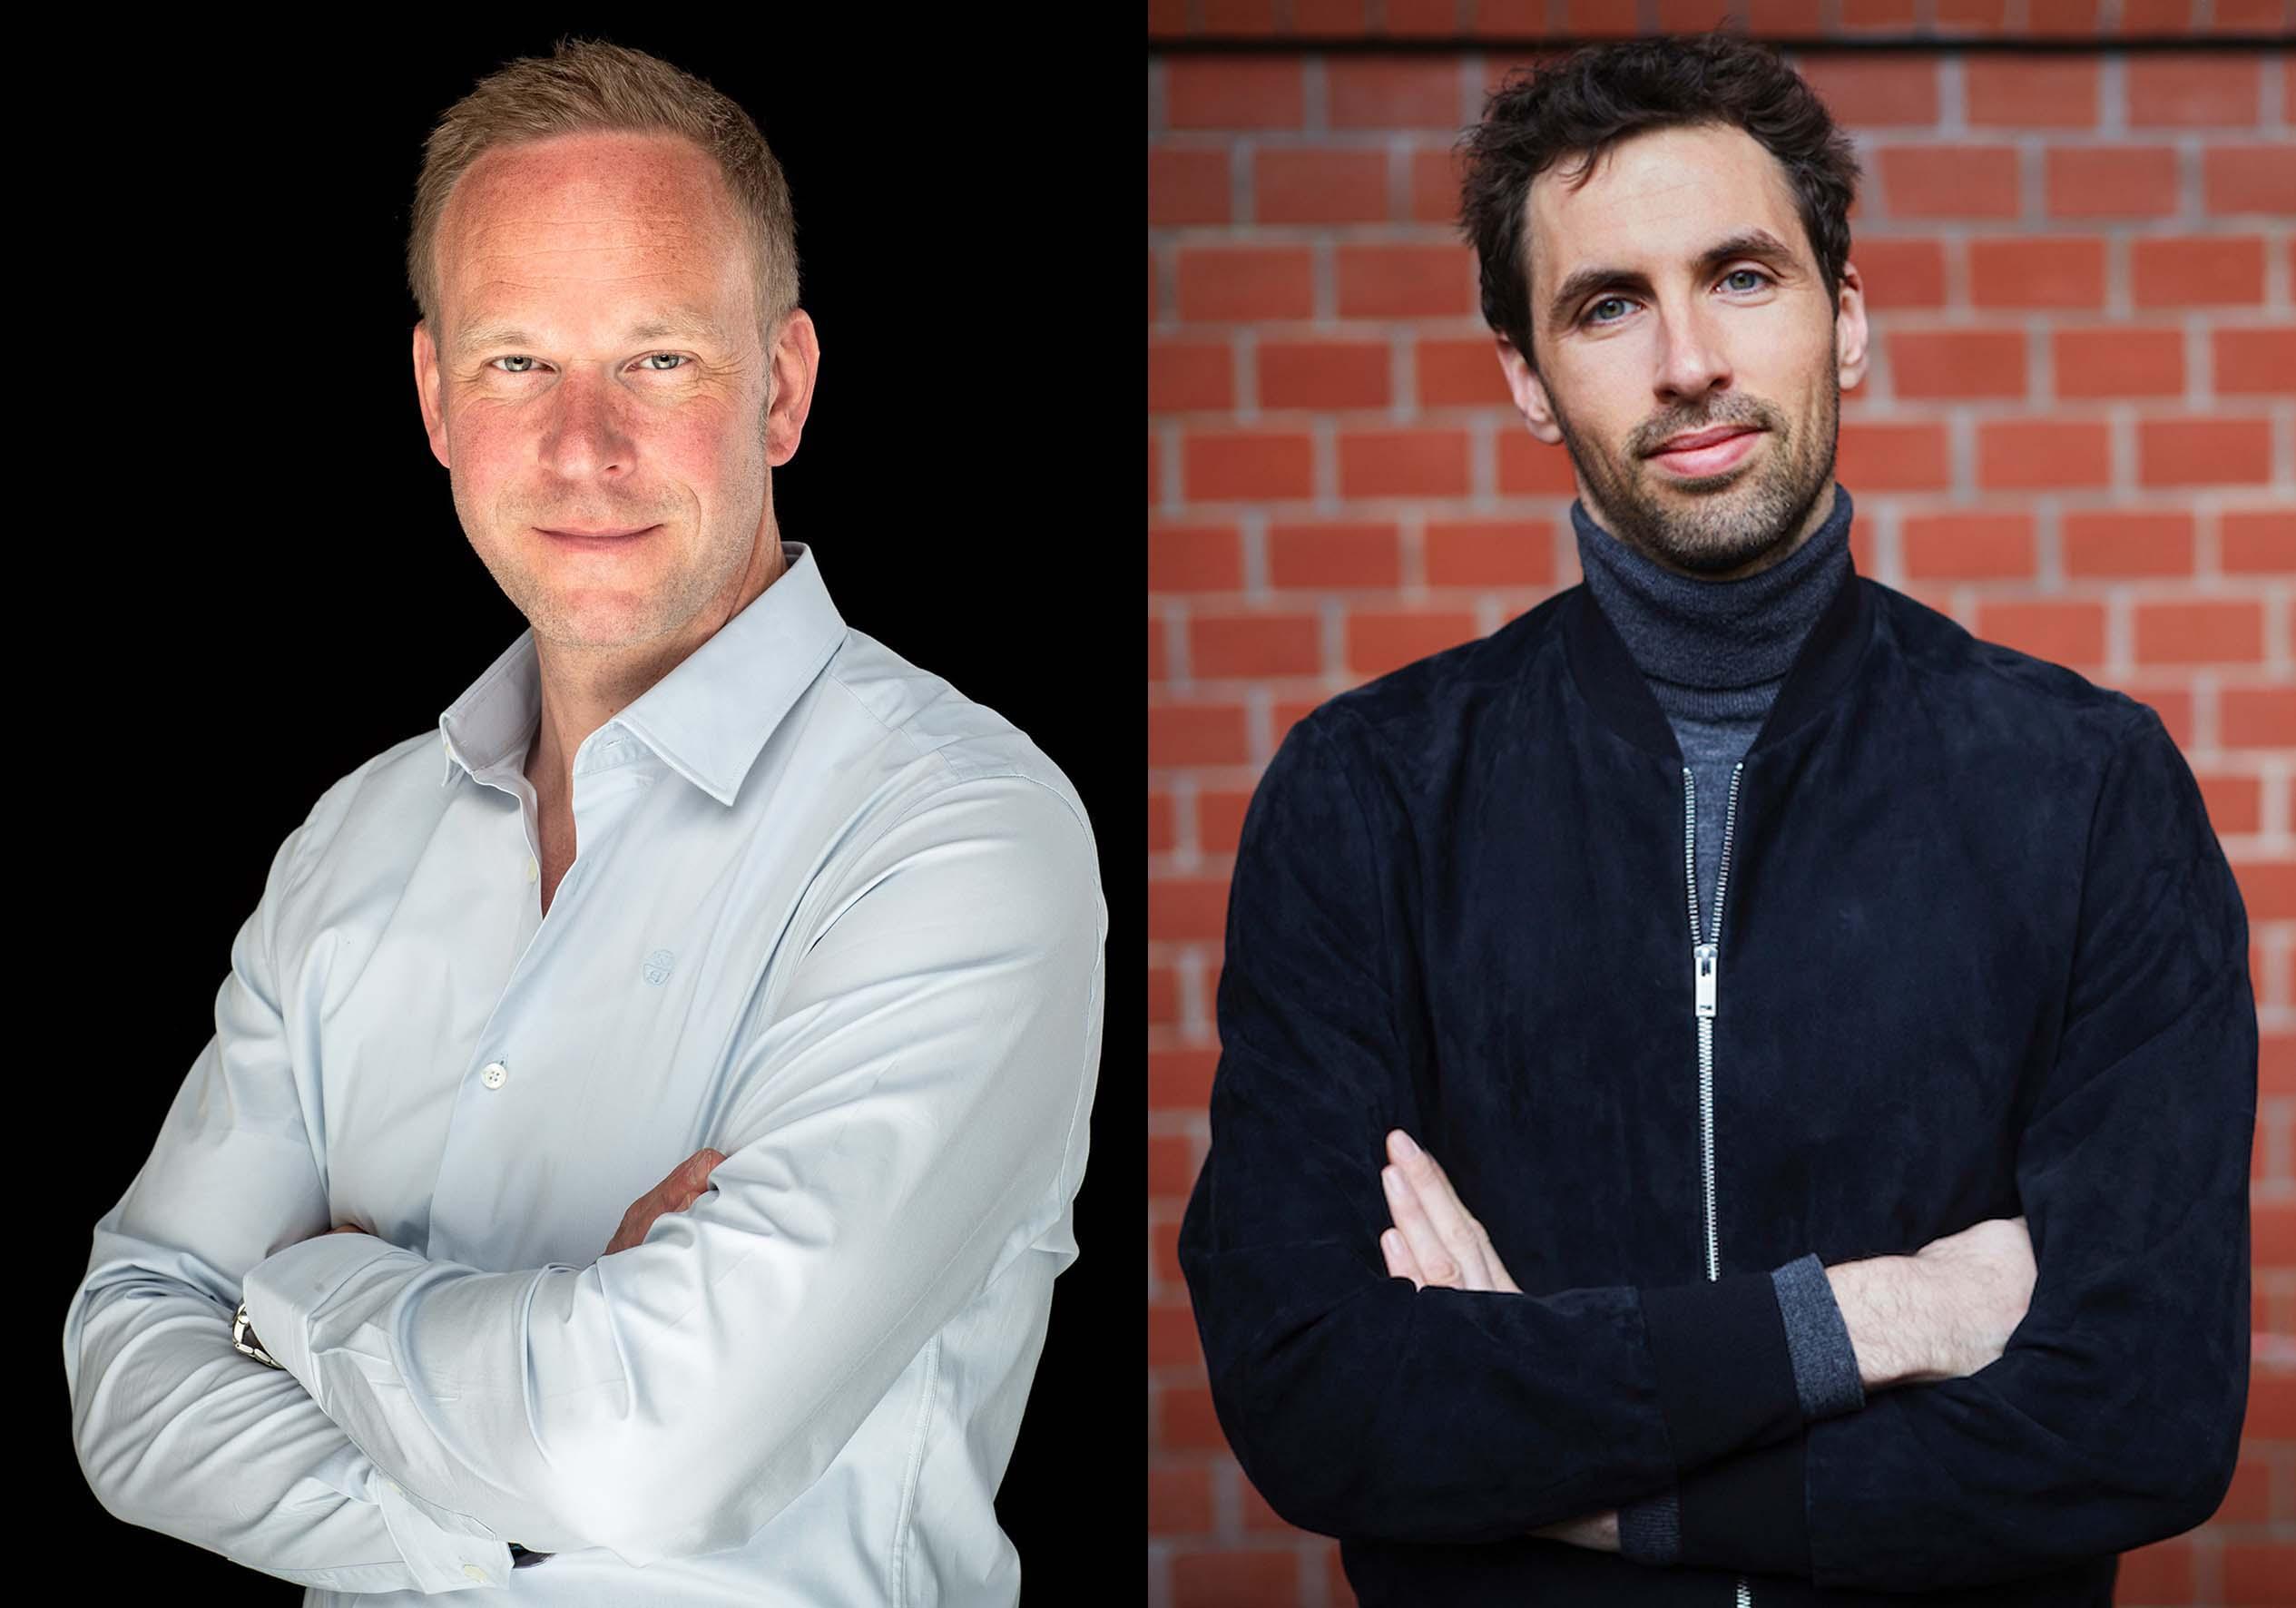 Daniel Neuhaus, CEO YK Group und Dennis Kallerhoff, Geschäftsführer shopping24